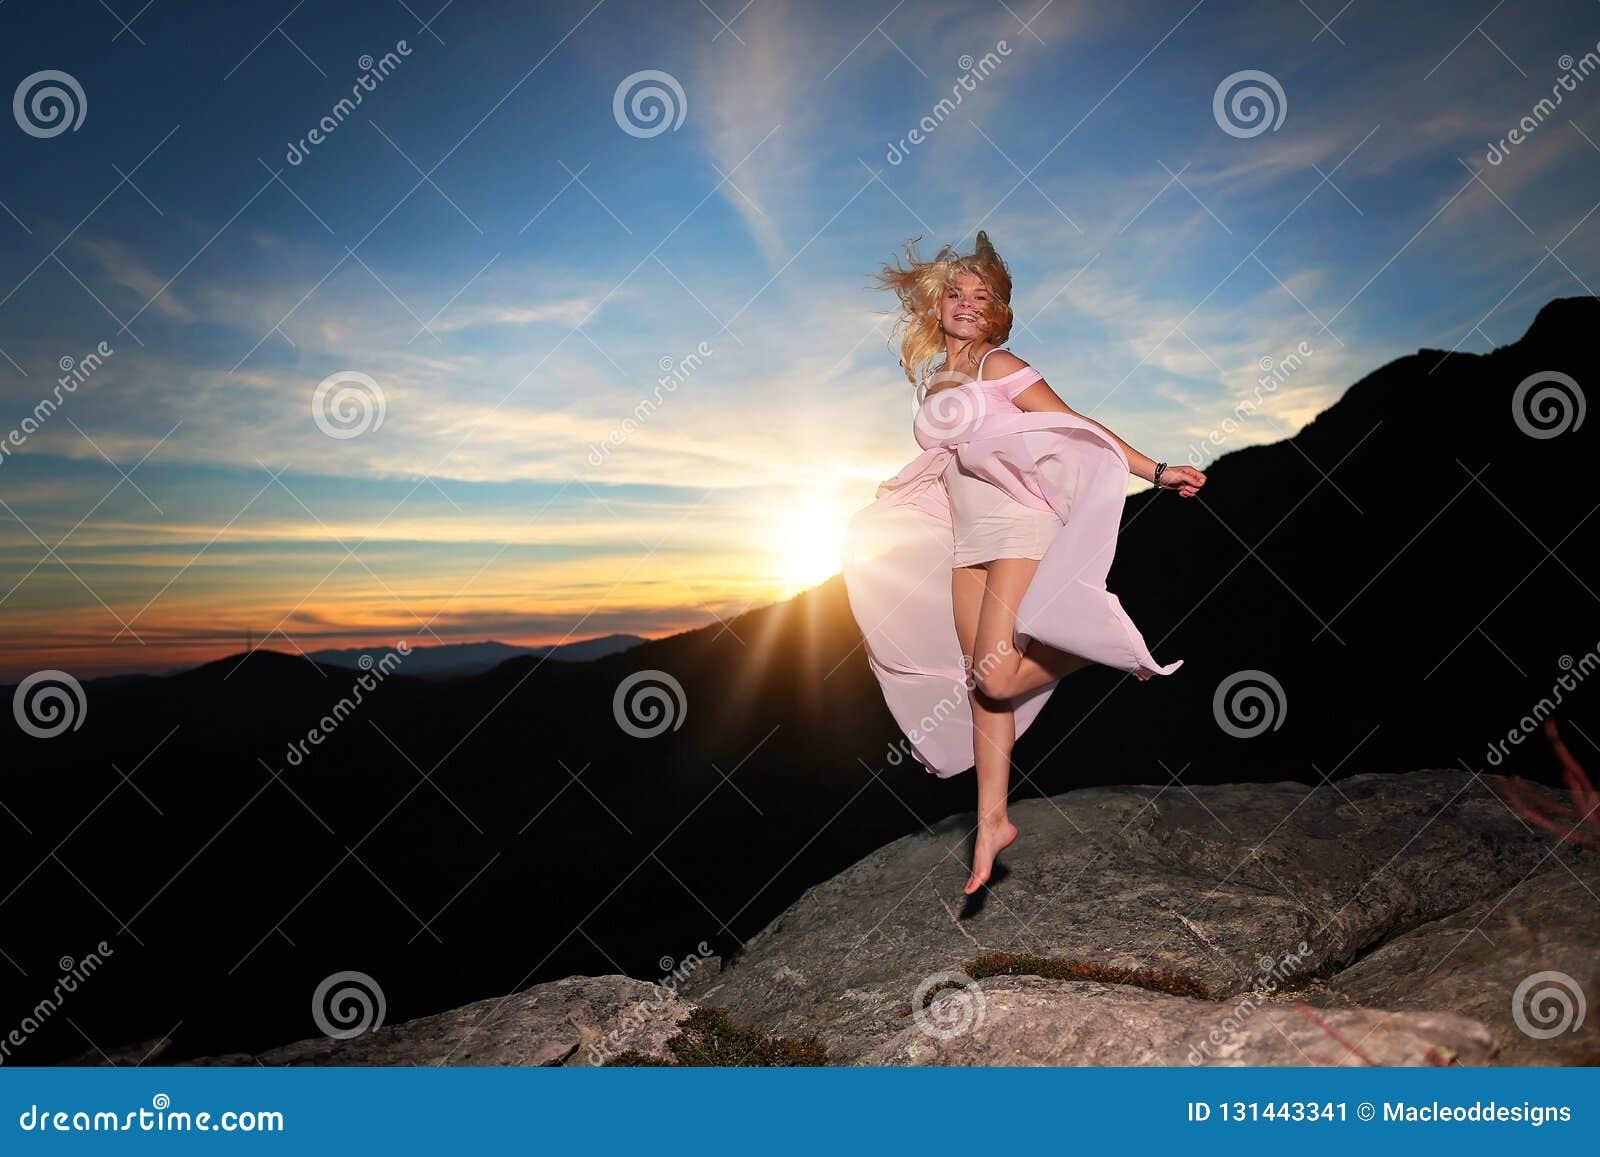 Nastoletni dziewczyna taniec na skale przegapia w górach